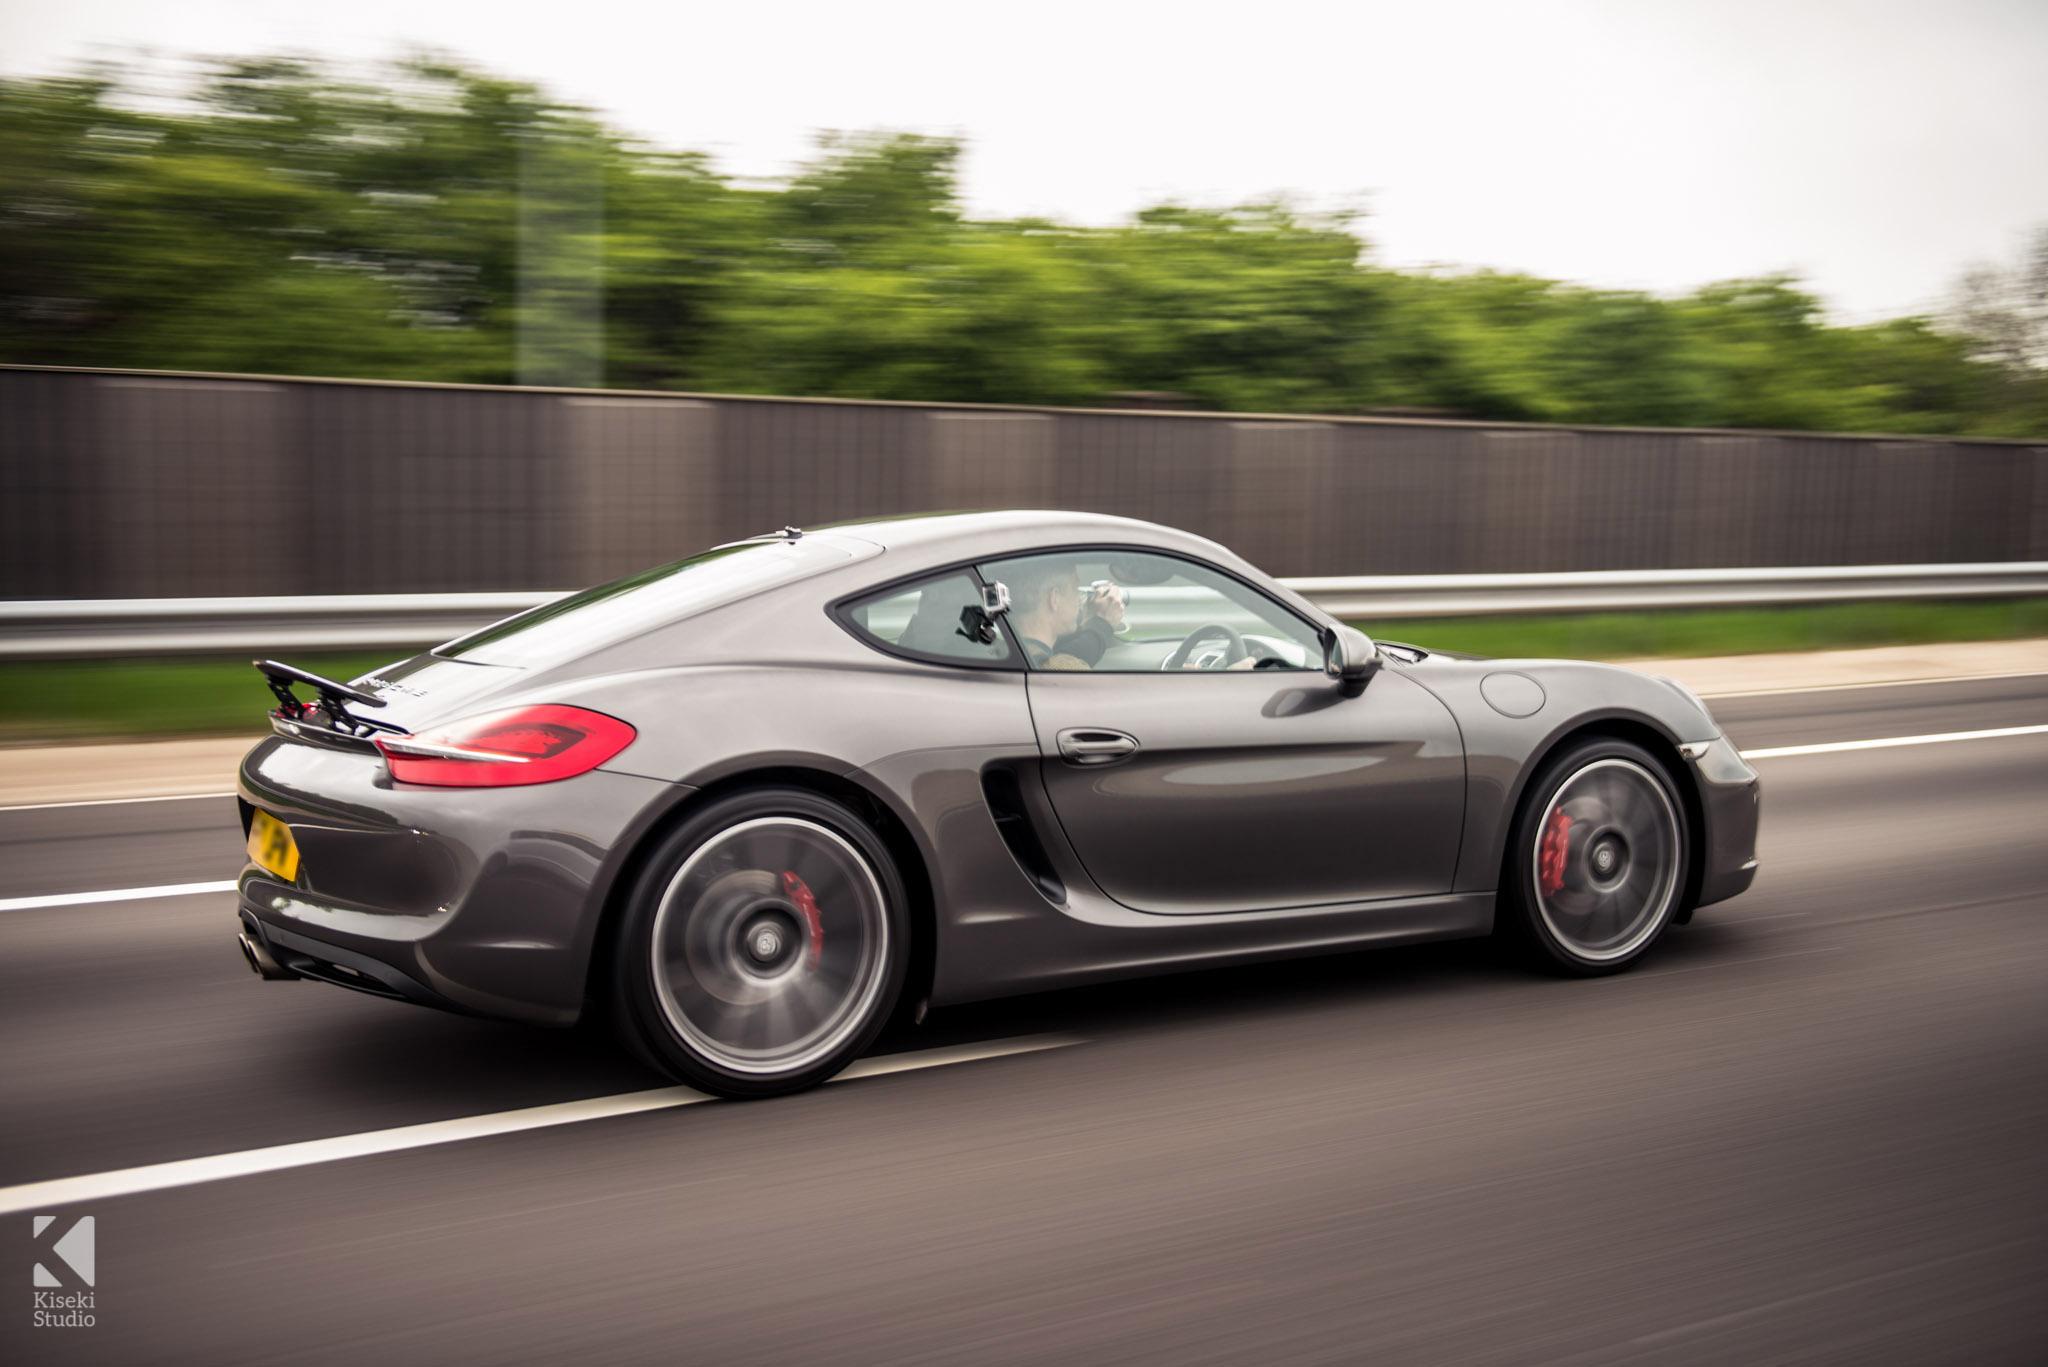 Porsche Cayman S rolling